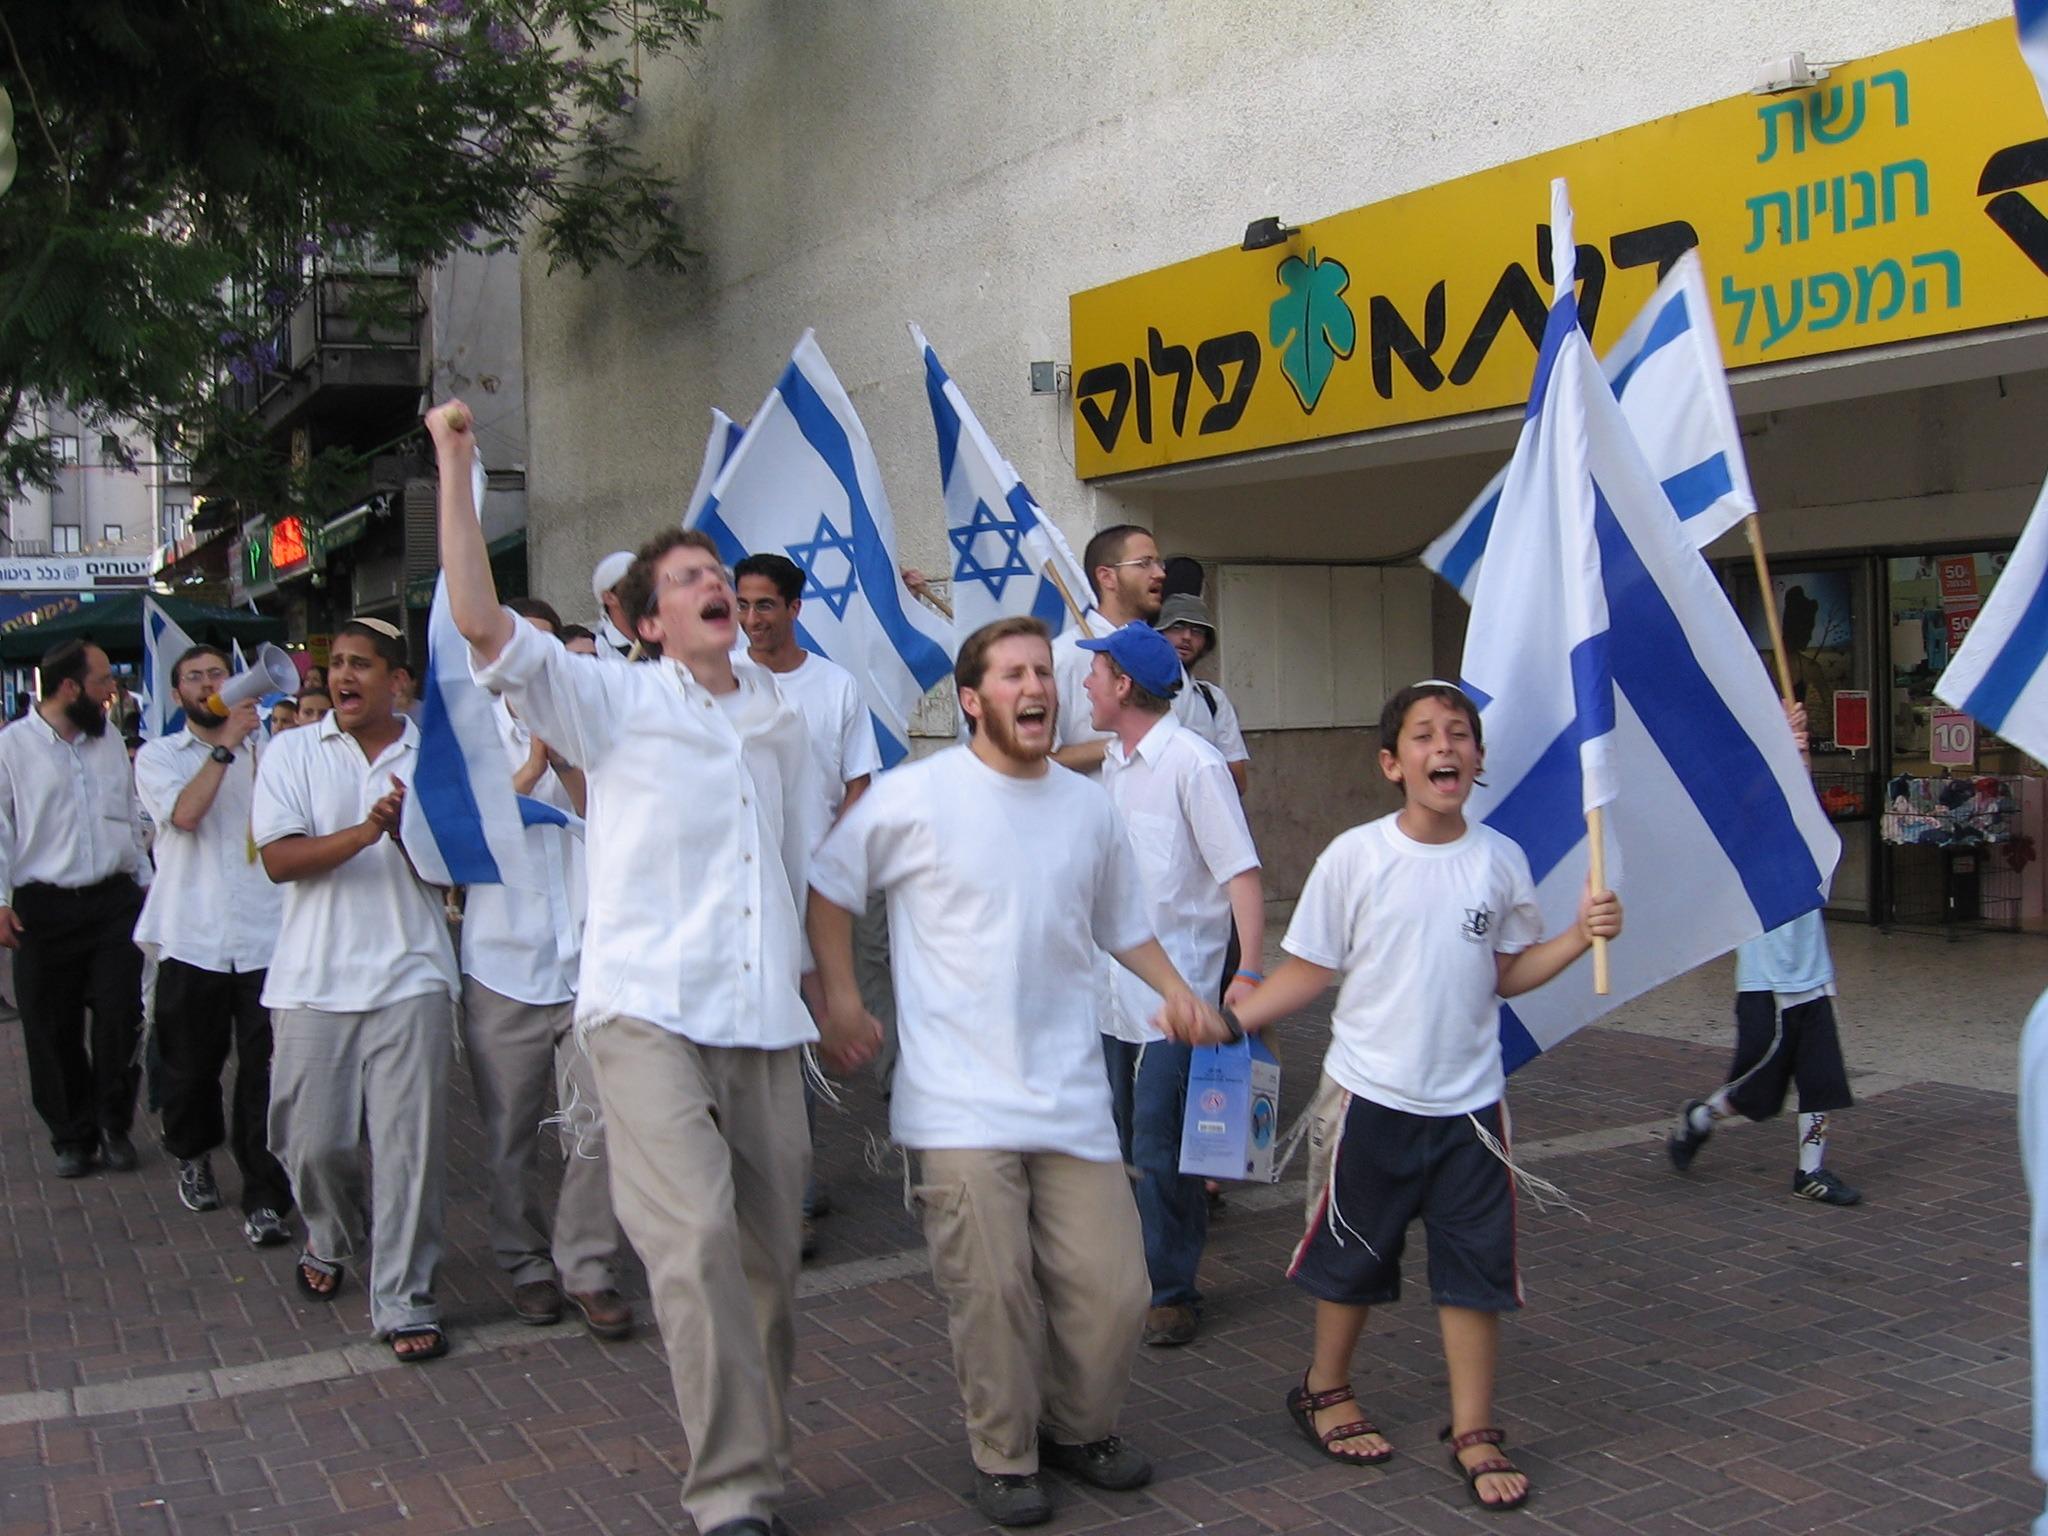 -ריקודגלים_יום_ירושלים_-אשמח-אם-תוכלו-לטשטש-בתמונה-את-השלט-של-דלתא...